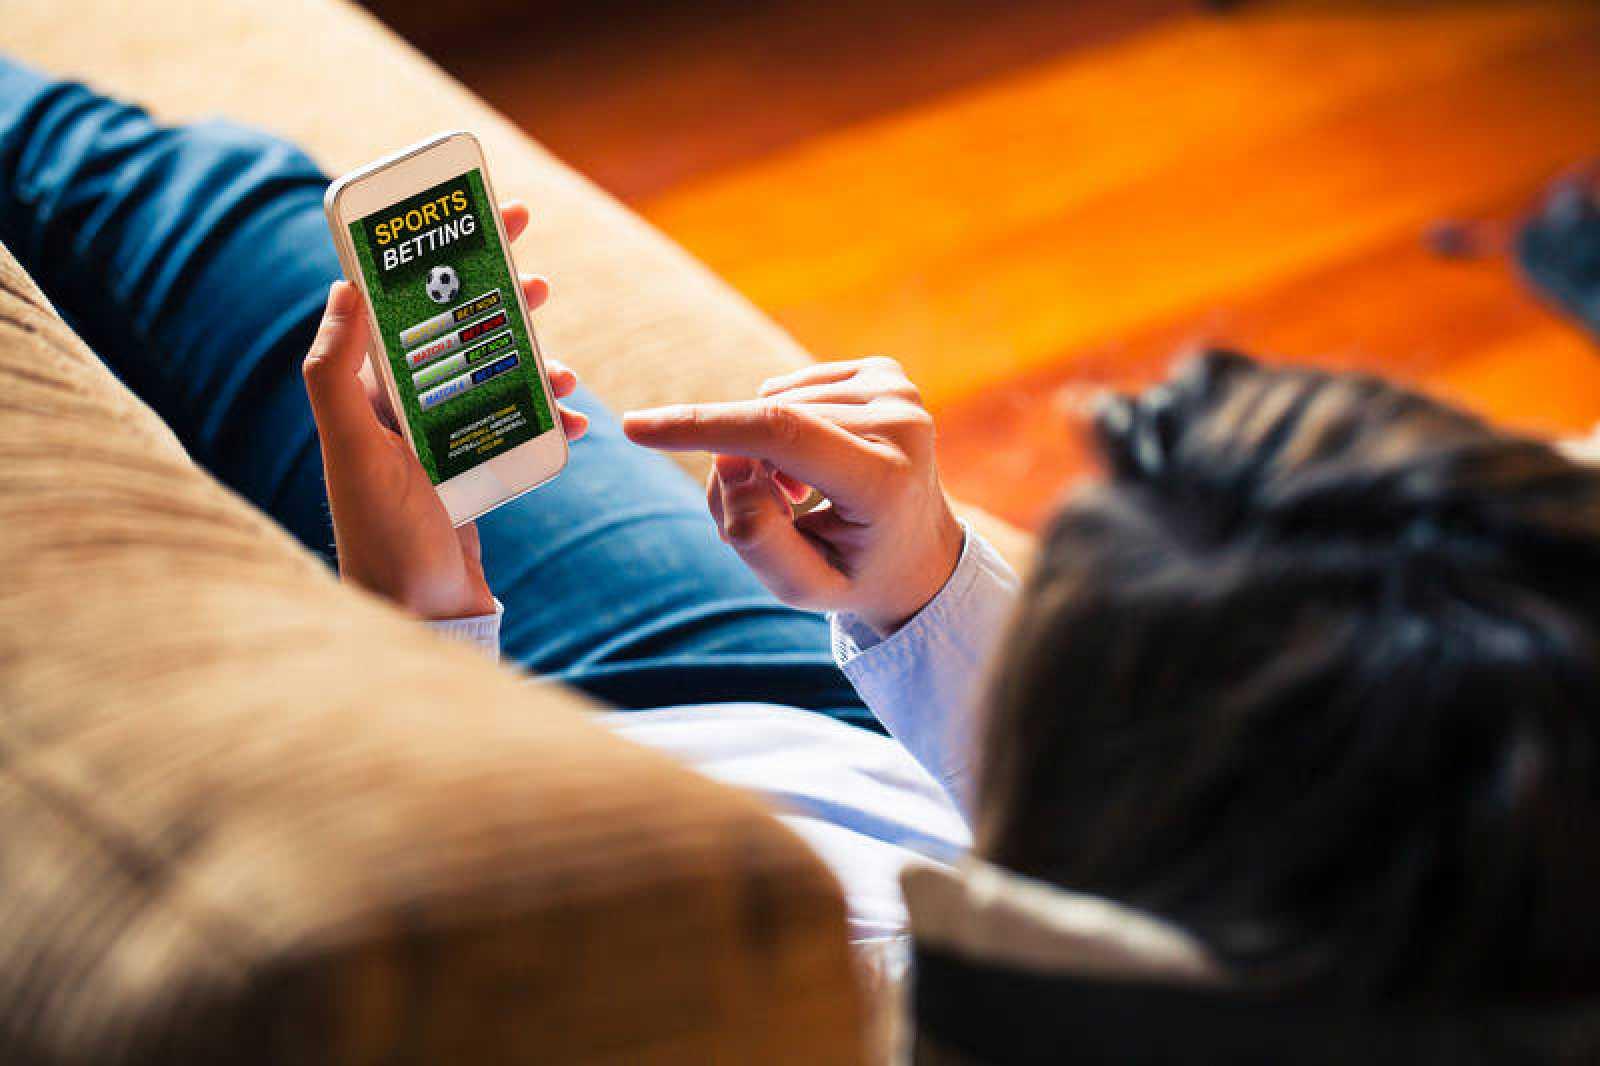 Un joven utiliza su móvil para apostar en internet